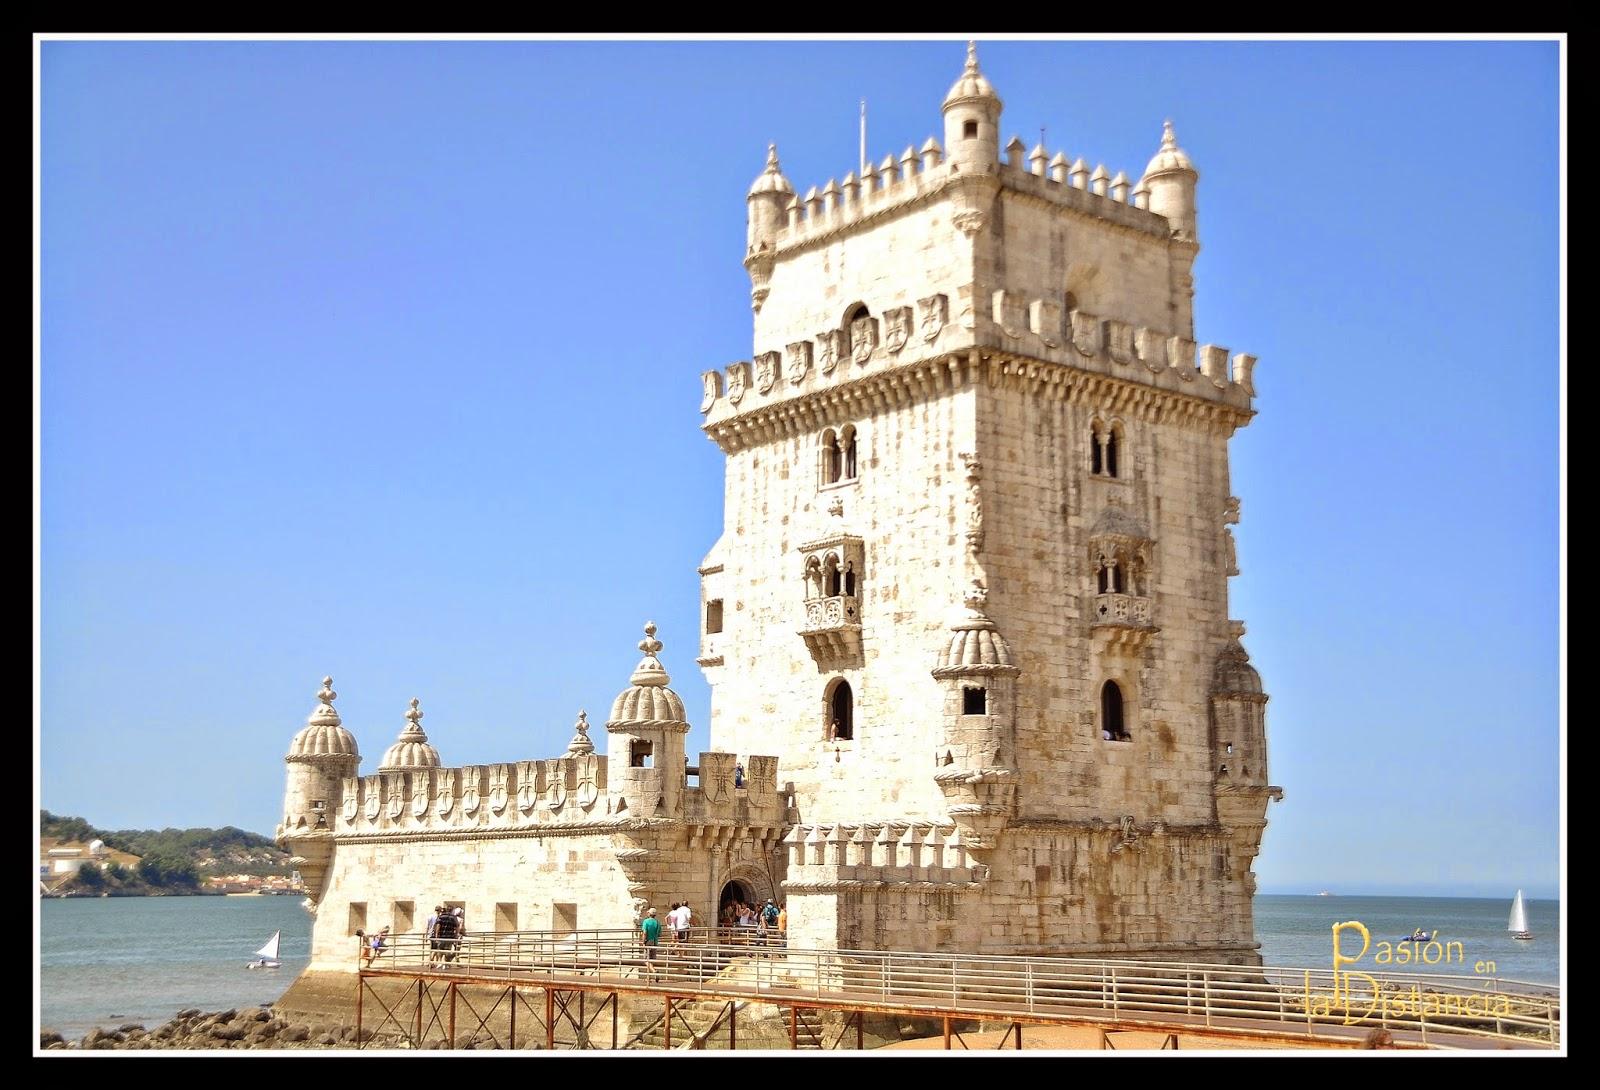 Torre_de_Belém_Lisboa